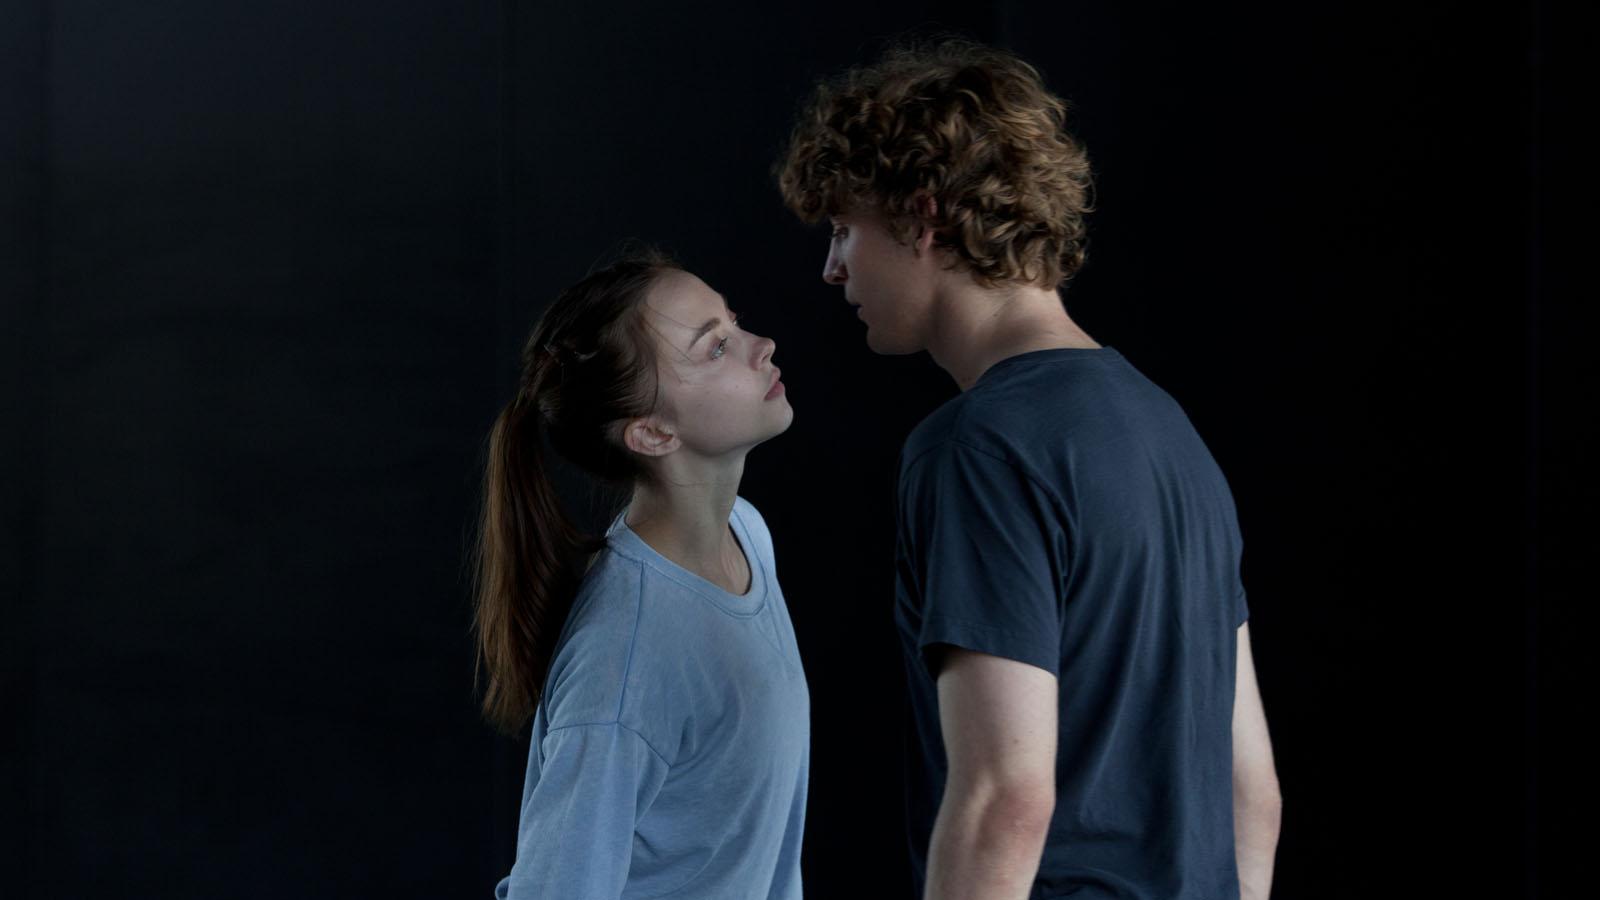 ... danser sa vie : Photo Anastasia Shevtsova, Niels Schneider ...